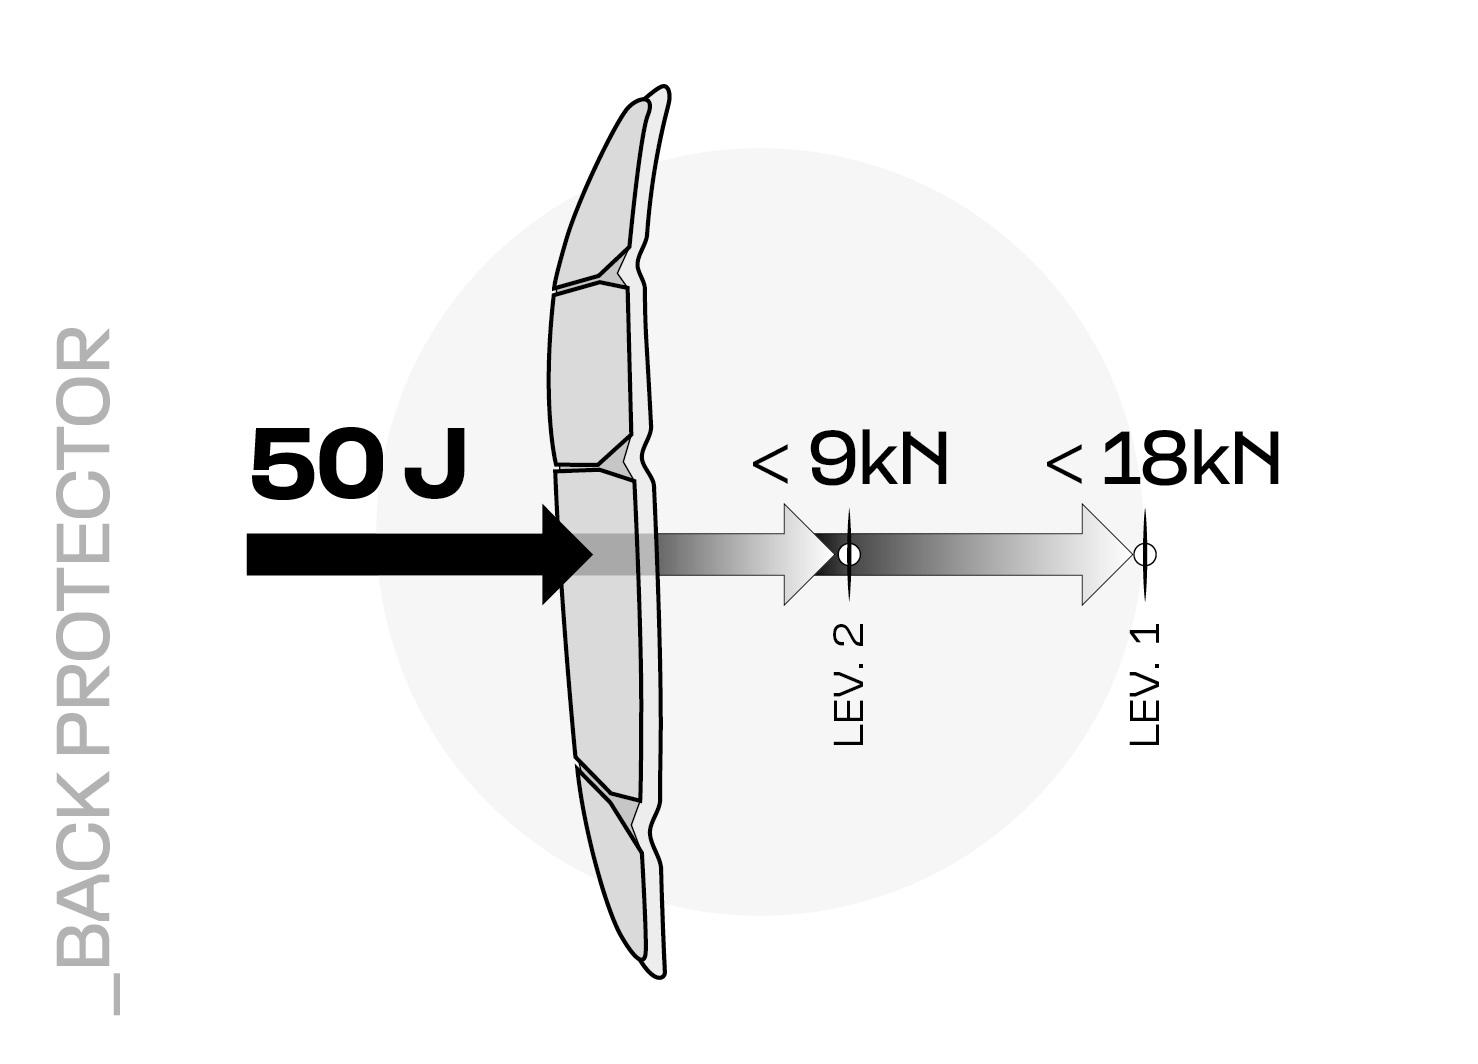 Rappresentazione dell'assorbimento della forza di un paraschiena di Livello 1 e Livello 2